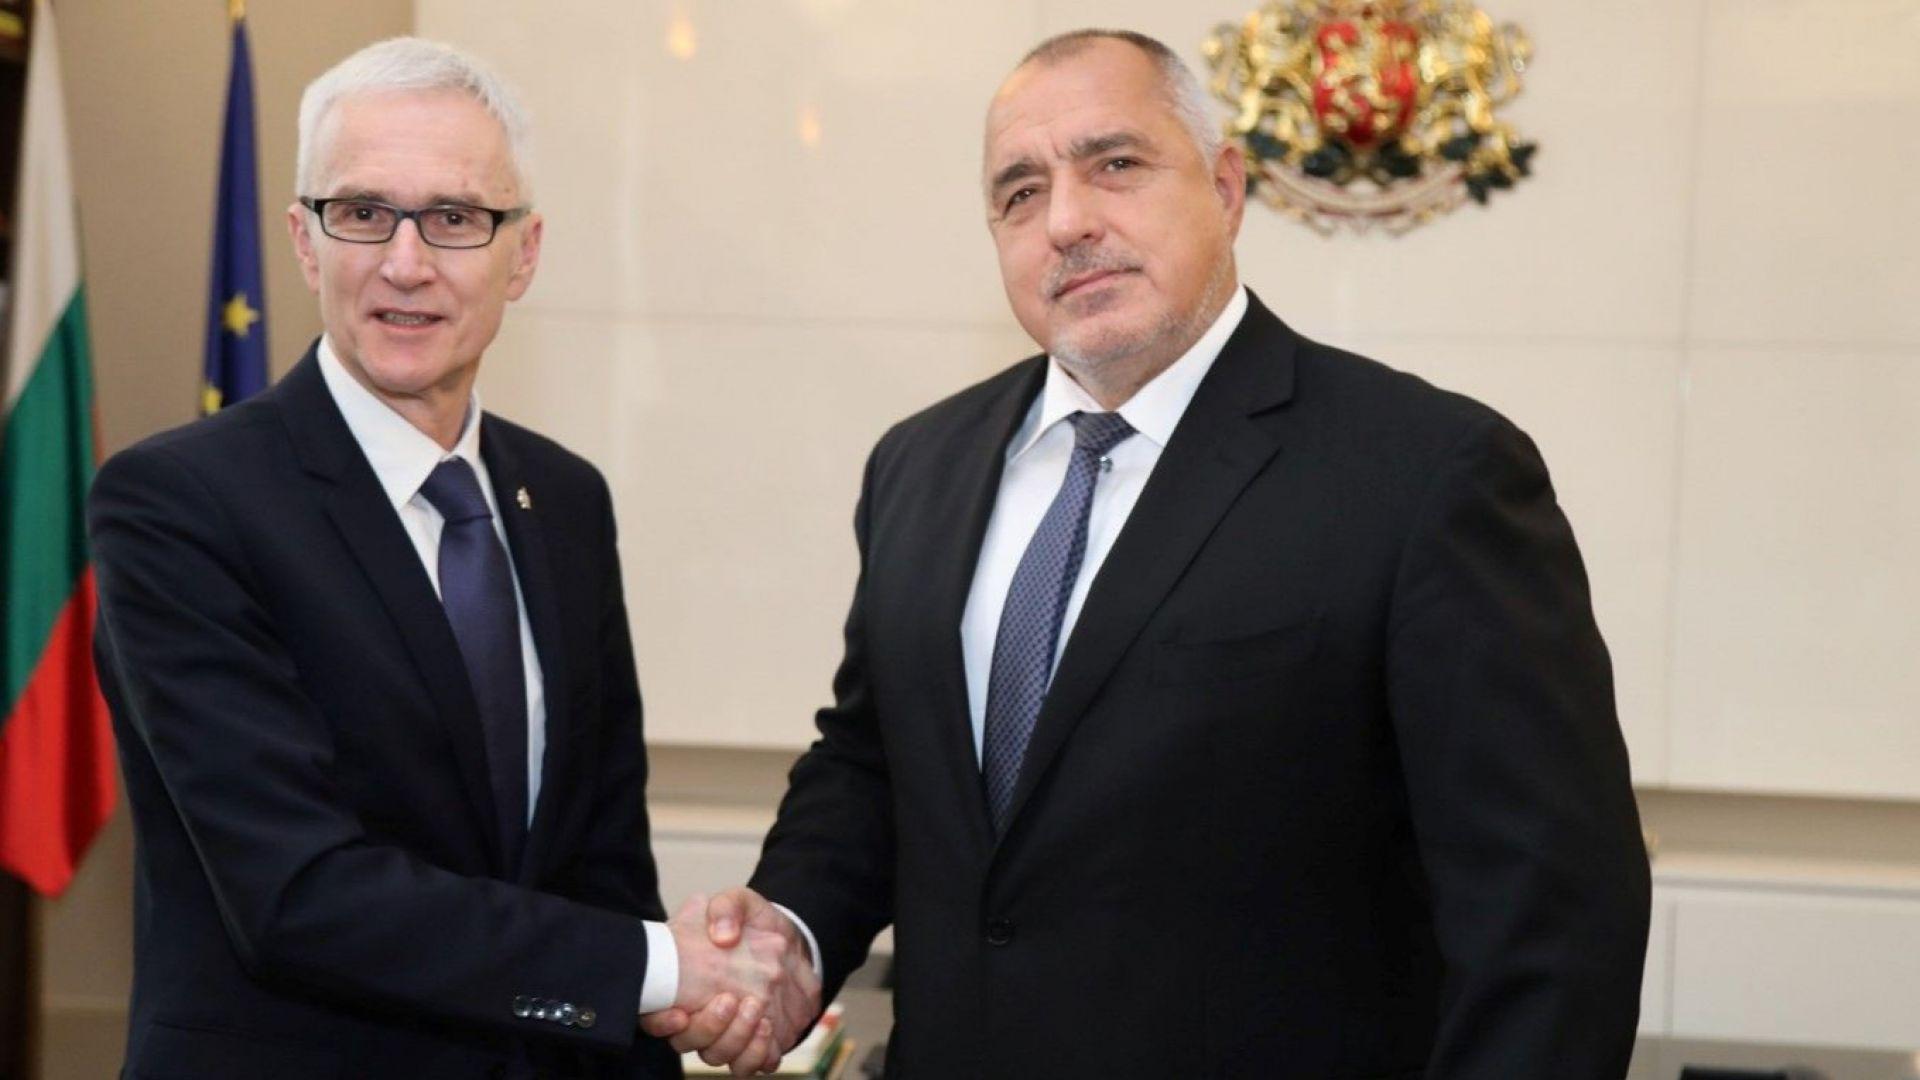 Борисов изтъкна българските успехи в операции на Интерпол